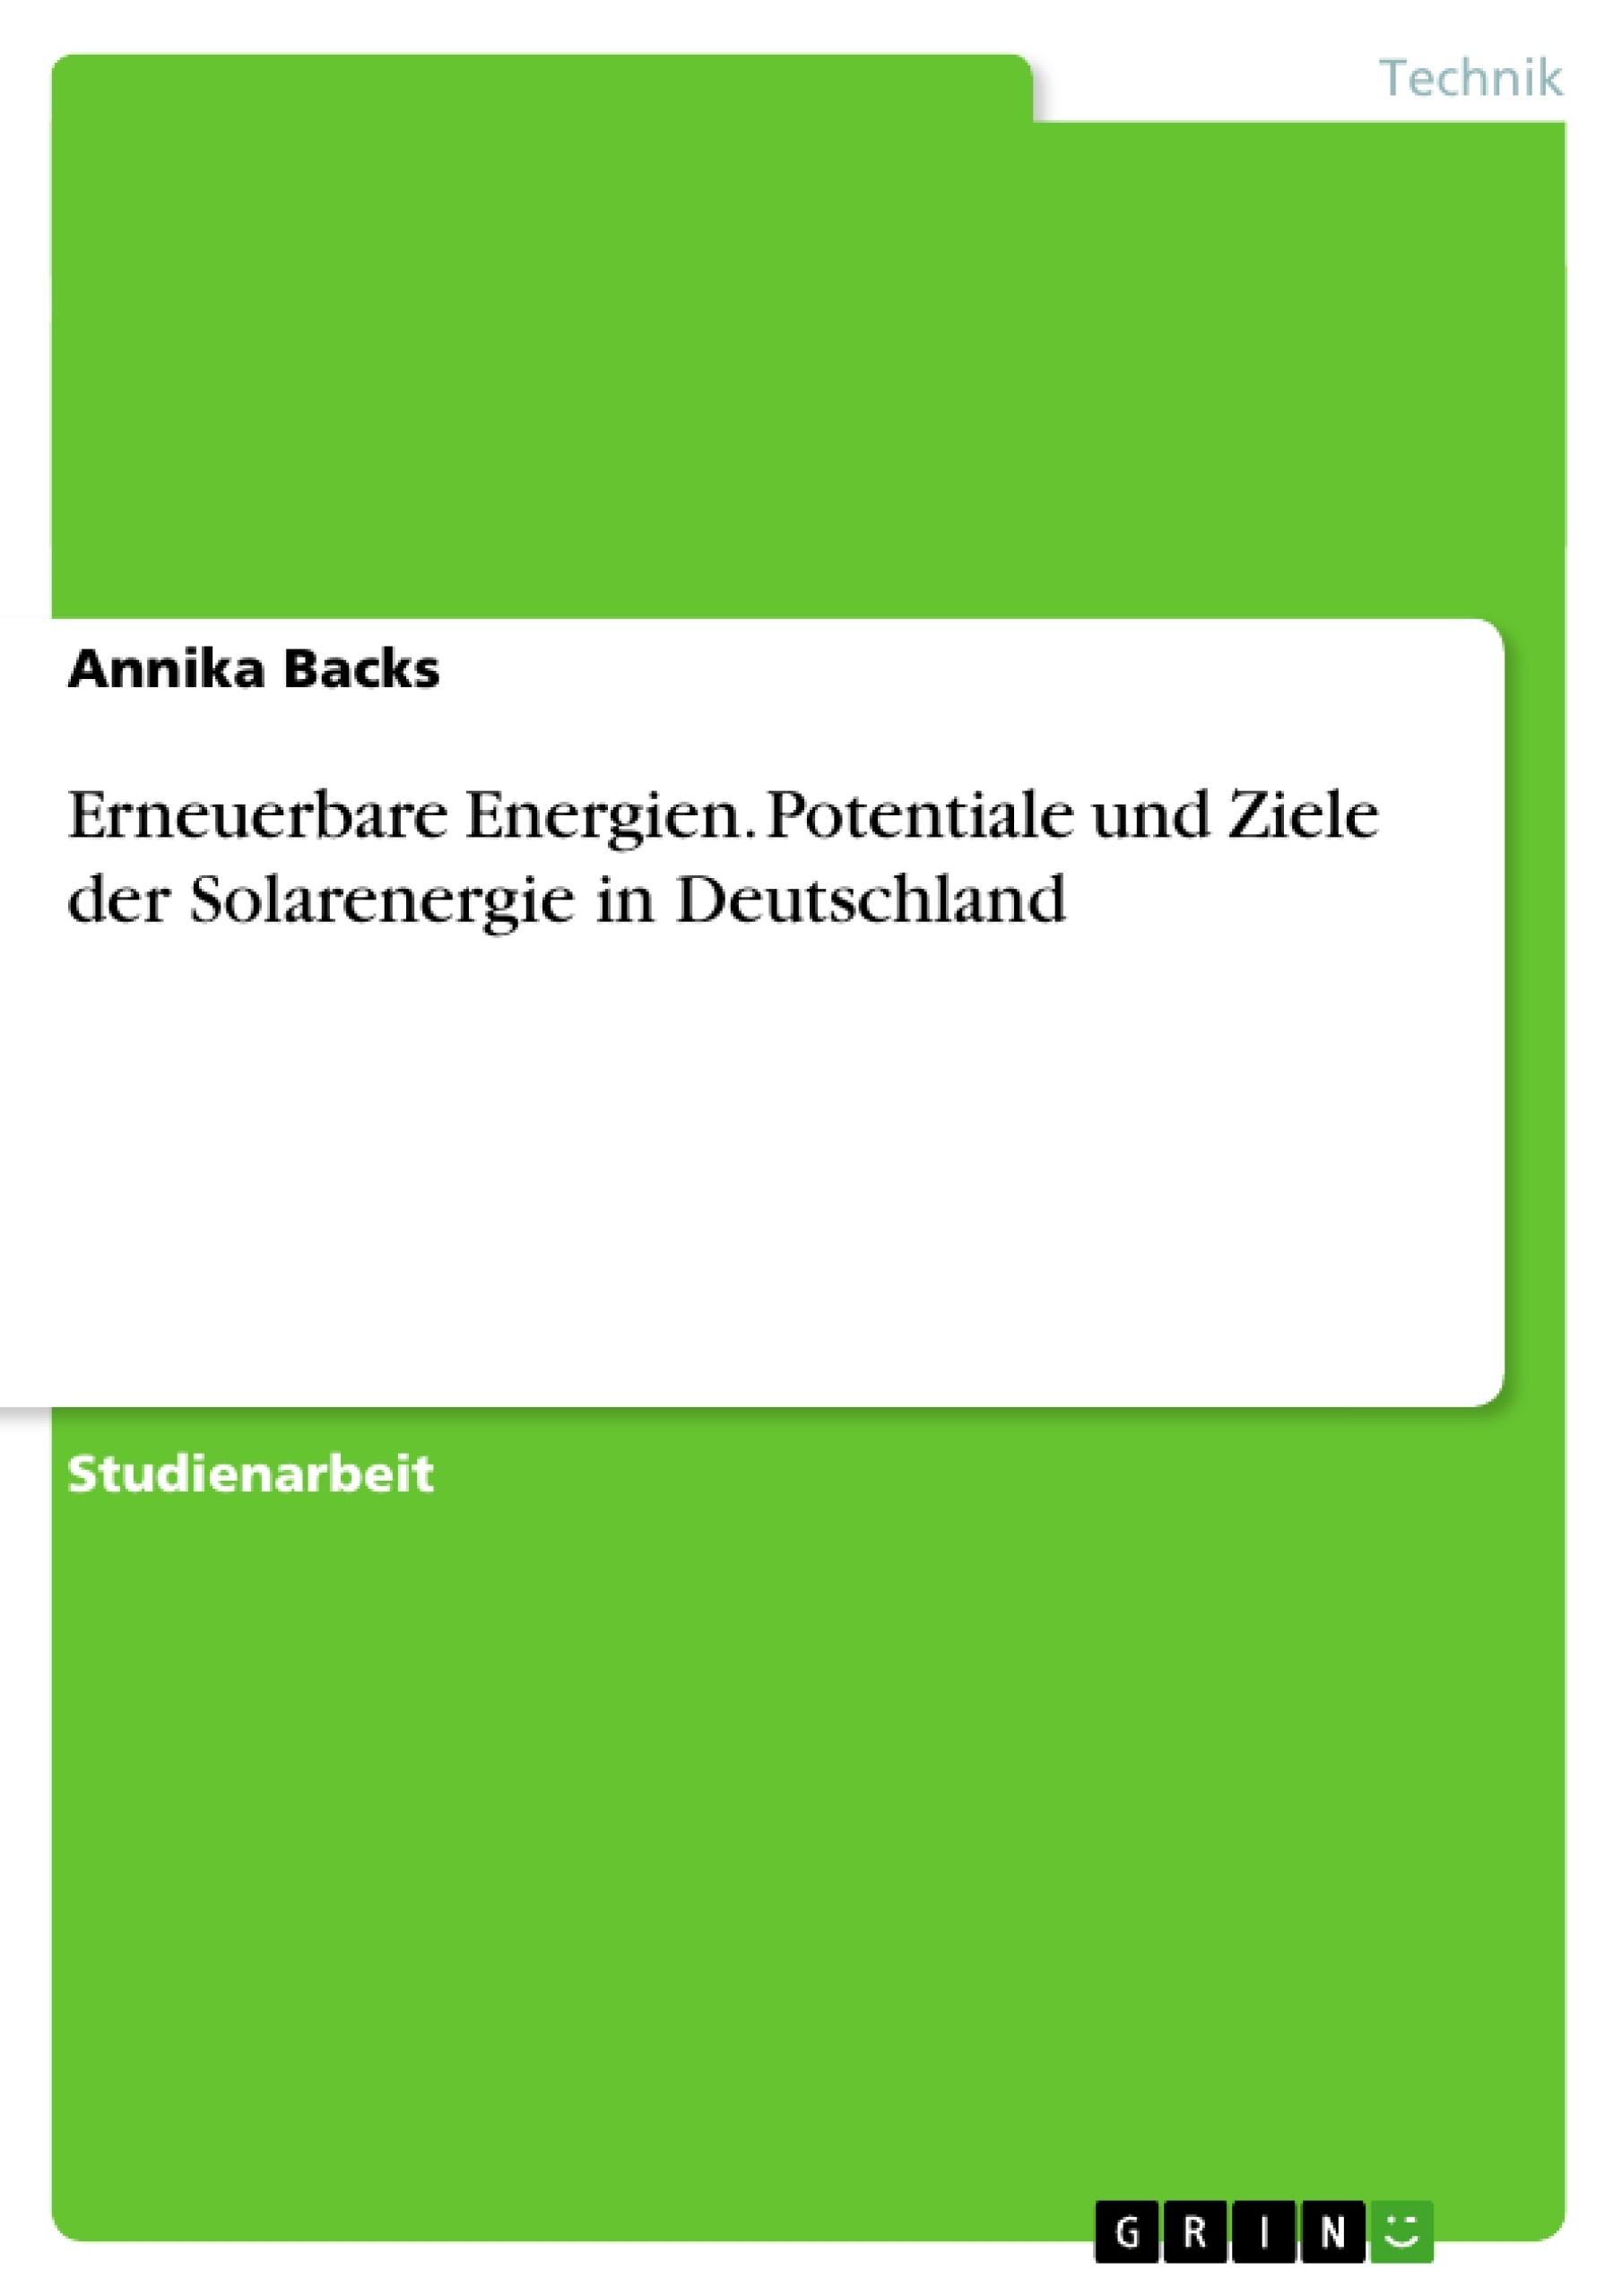 Titel: Erneuerbare Energien. Potentiale und Ziele der Solarenergie in Deutschland